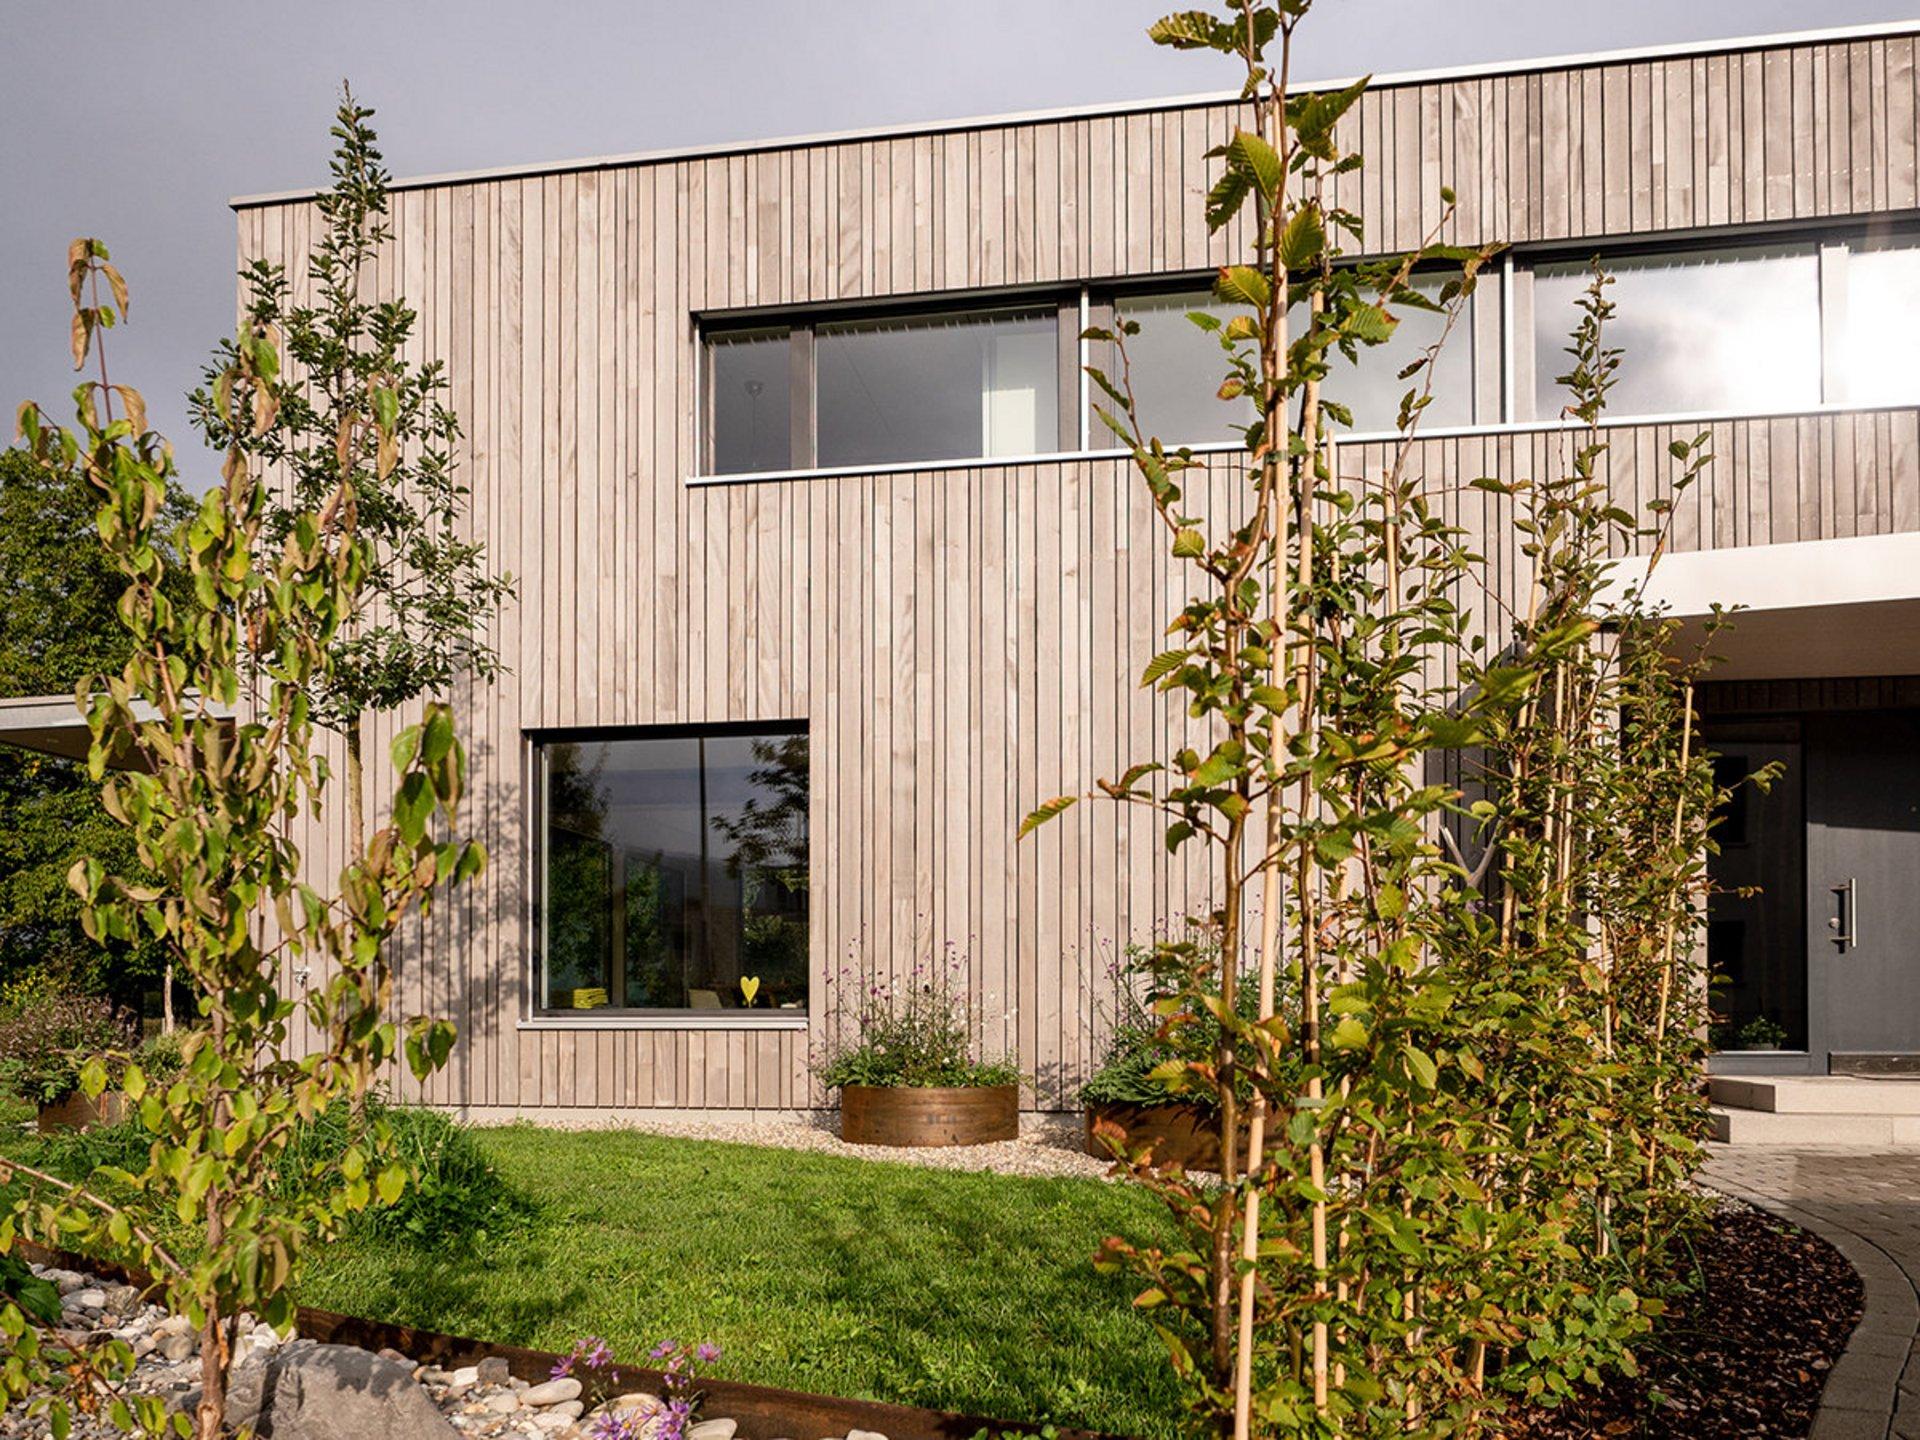 Einfamilienhaus in Elementbauweise mit hinterlüfteter vertikalmontierter Weisstannenfassade mit Effektlasur